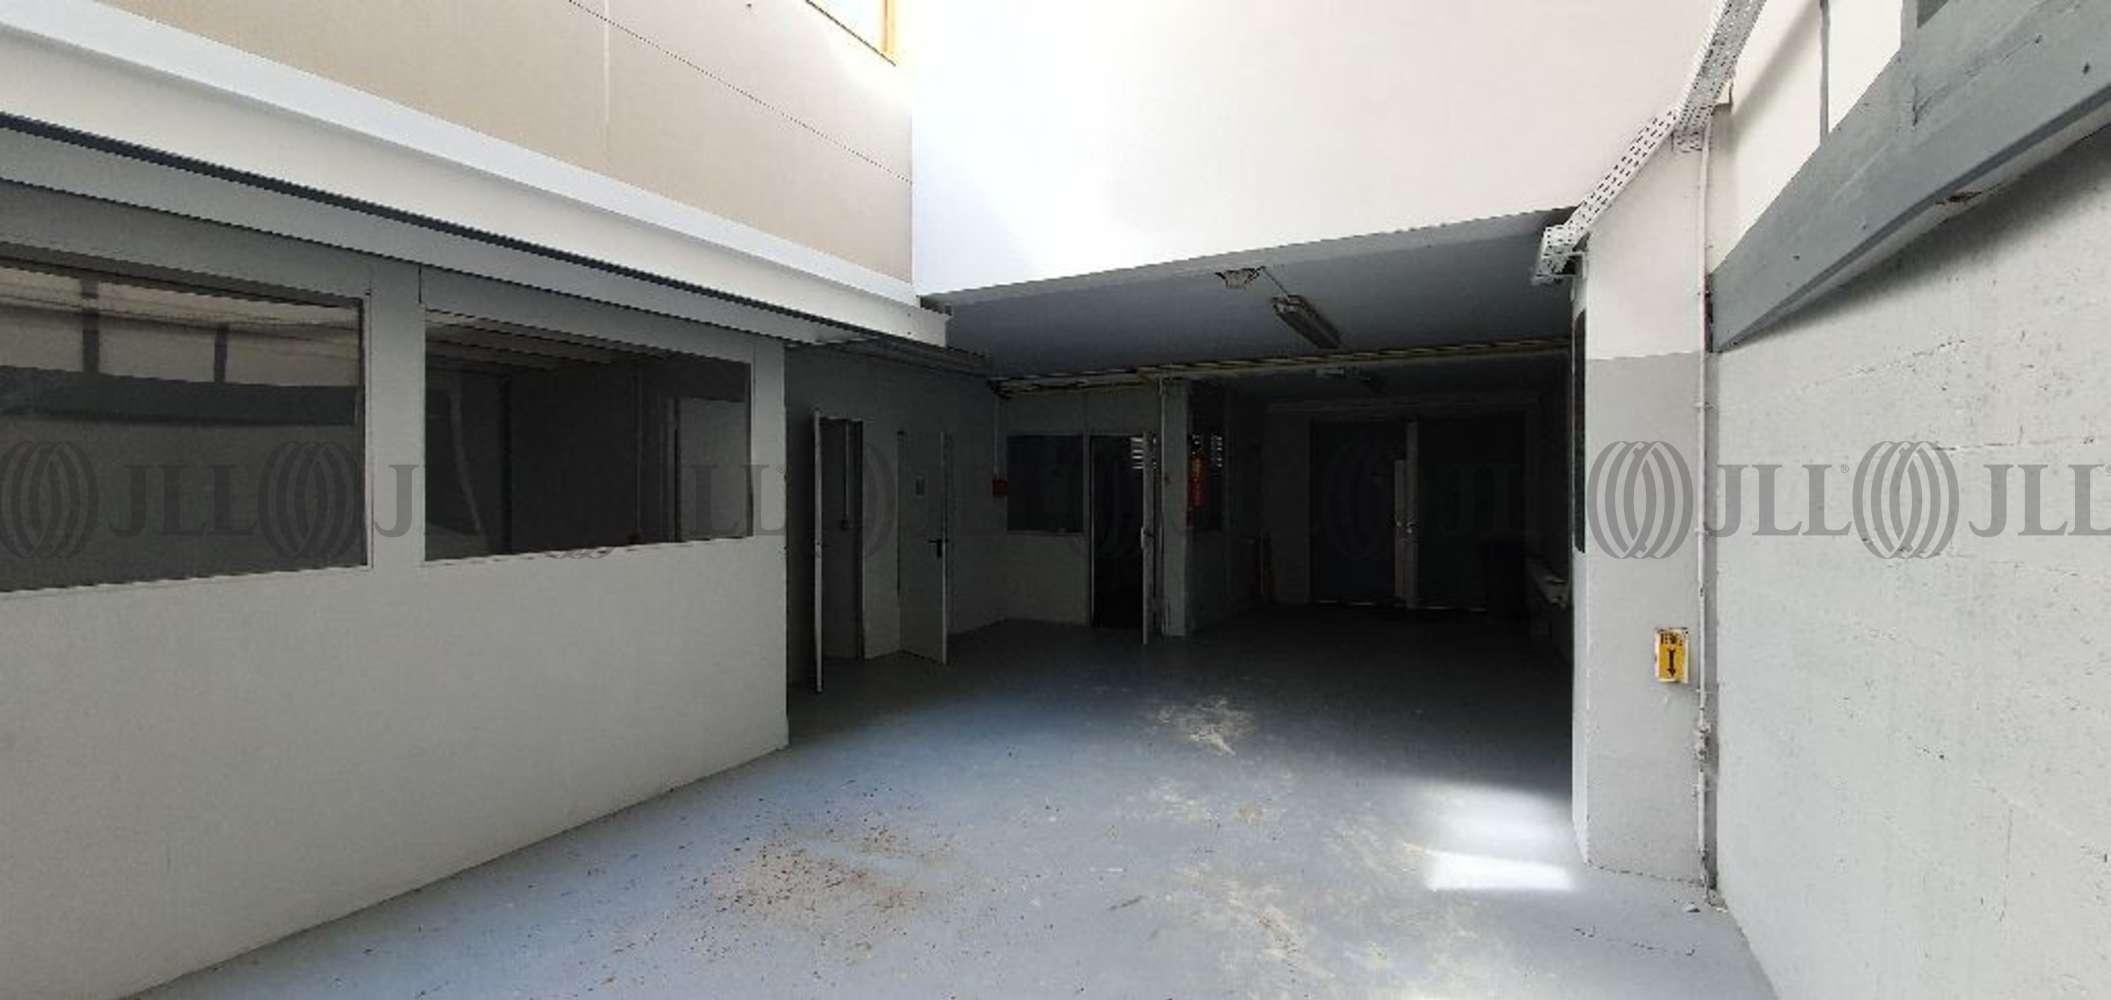 Activités/entrepôt Cachan, 94230